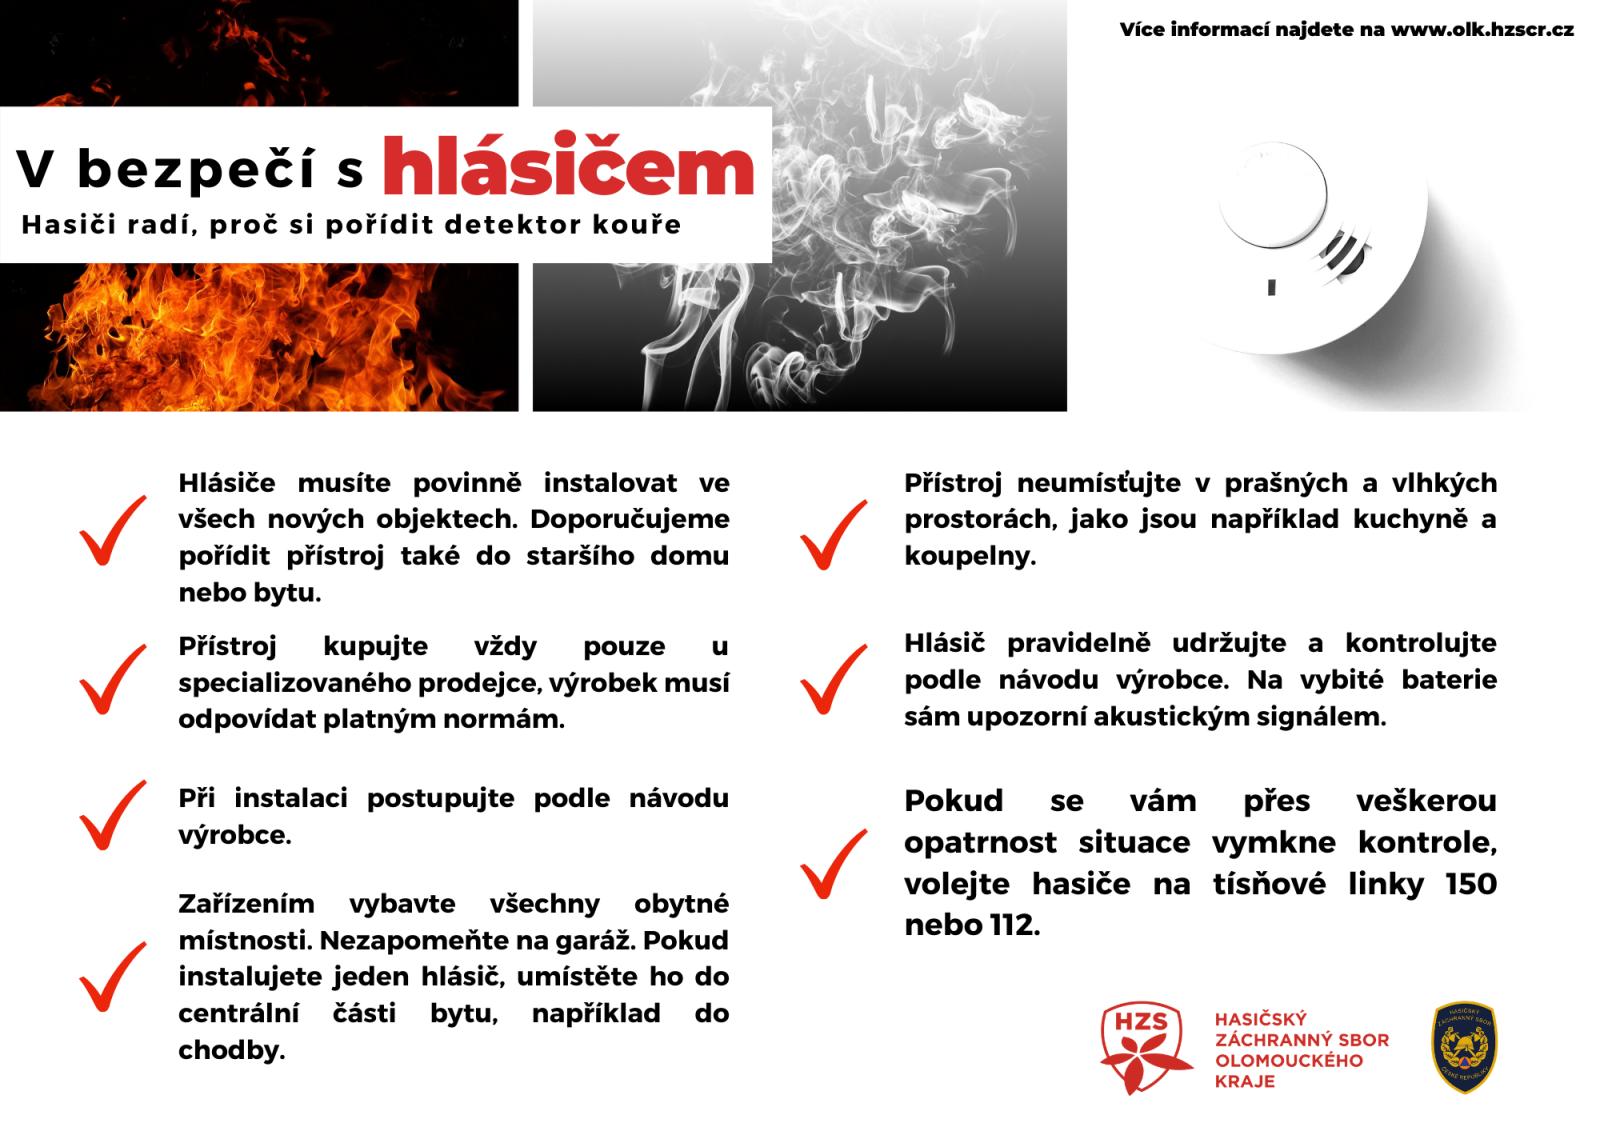 hasici_radi_leden_hlasic.png